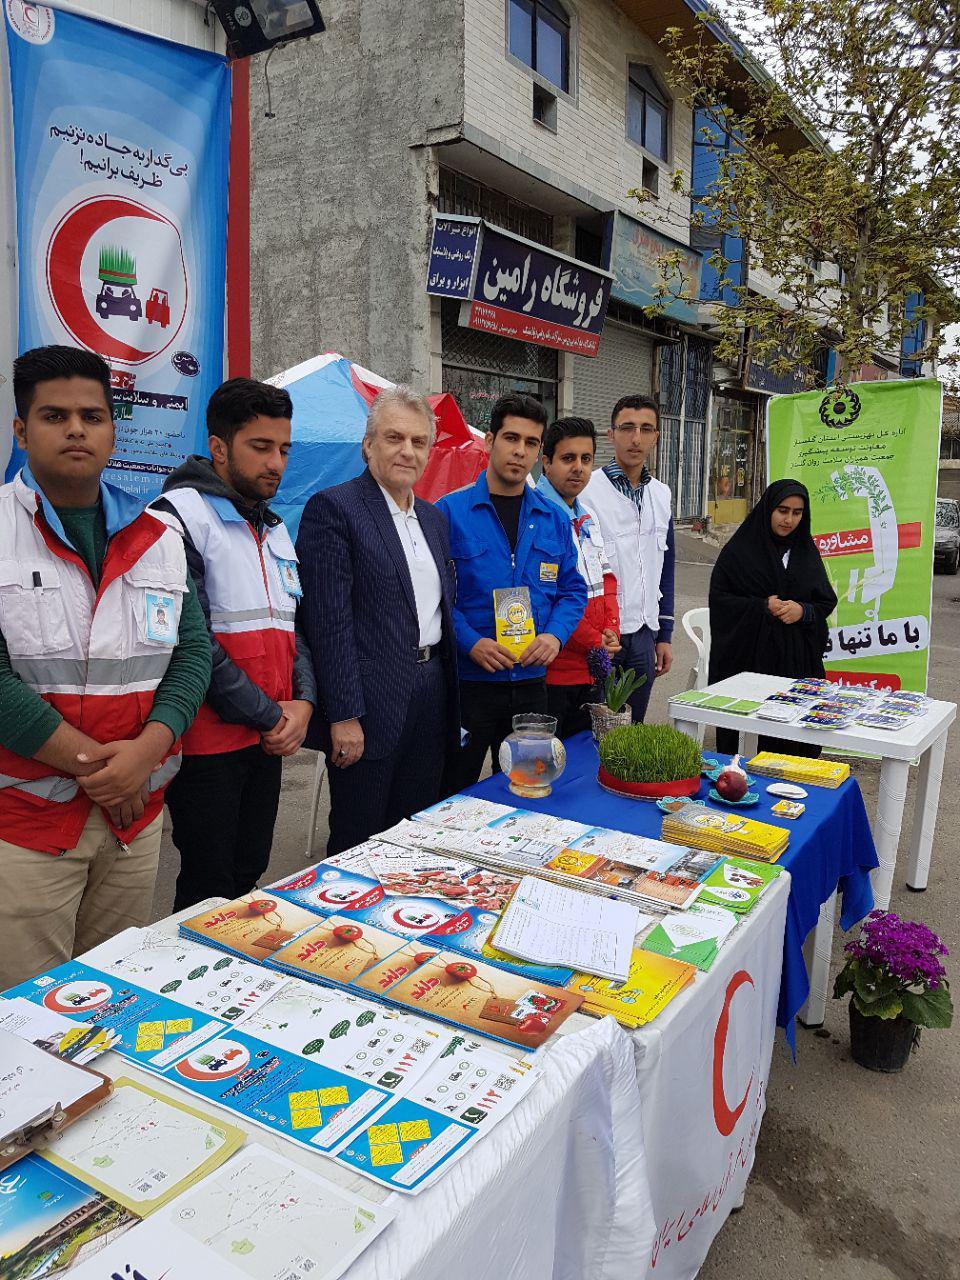 بازدید علیرضا پزشکپوراز کمپ نوروزی هلال احمر وبهزیستی شرقی گرگان